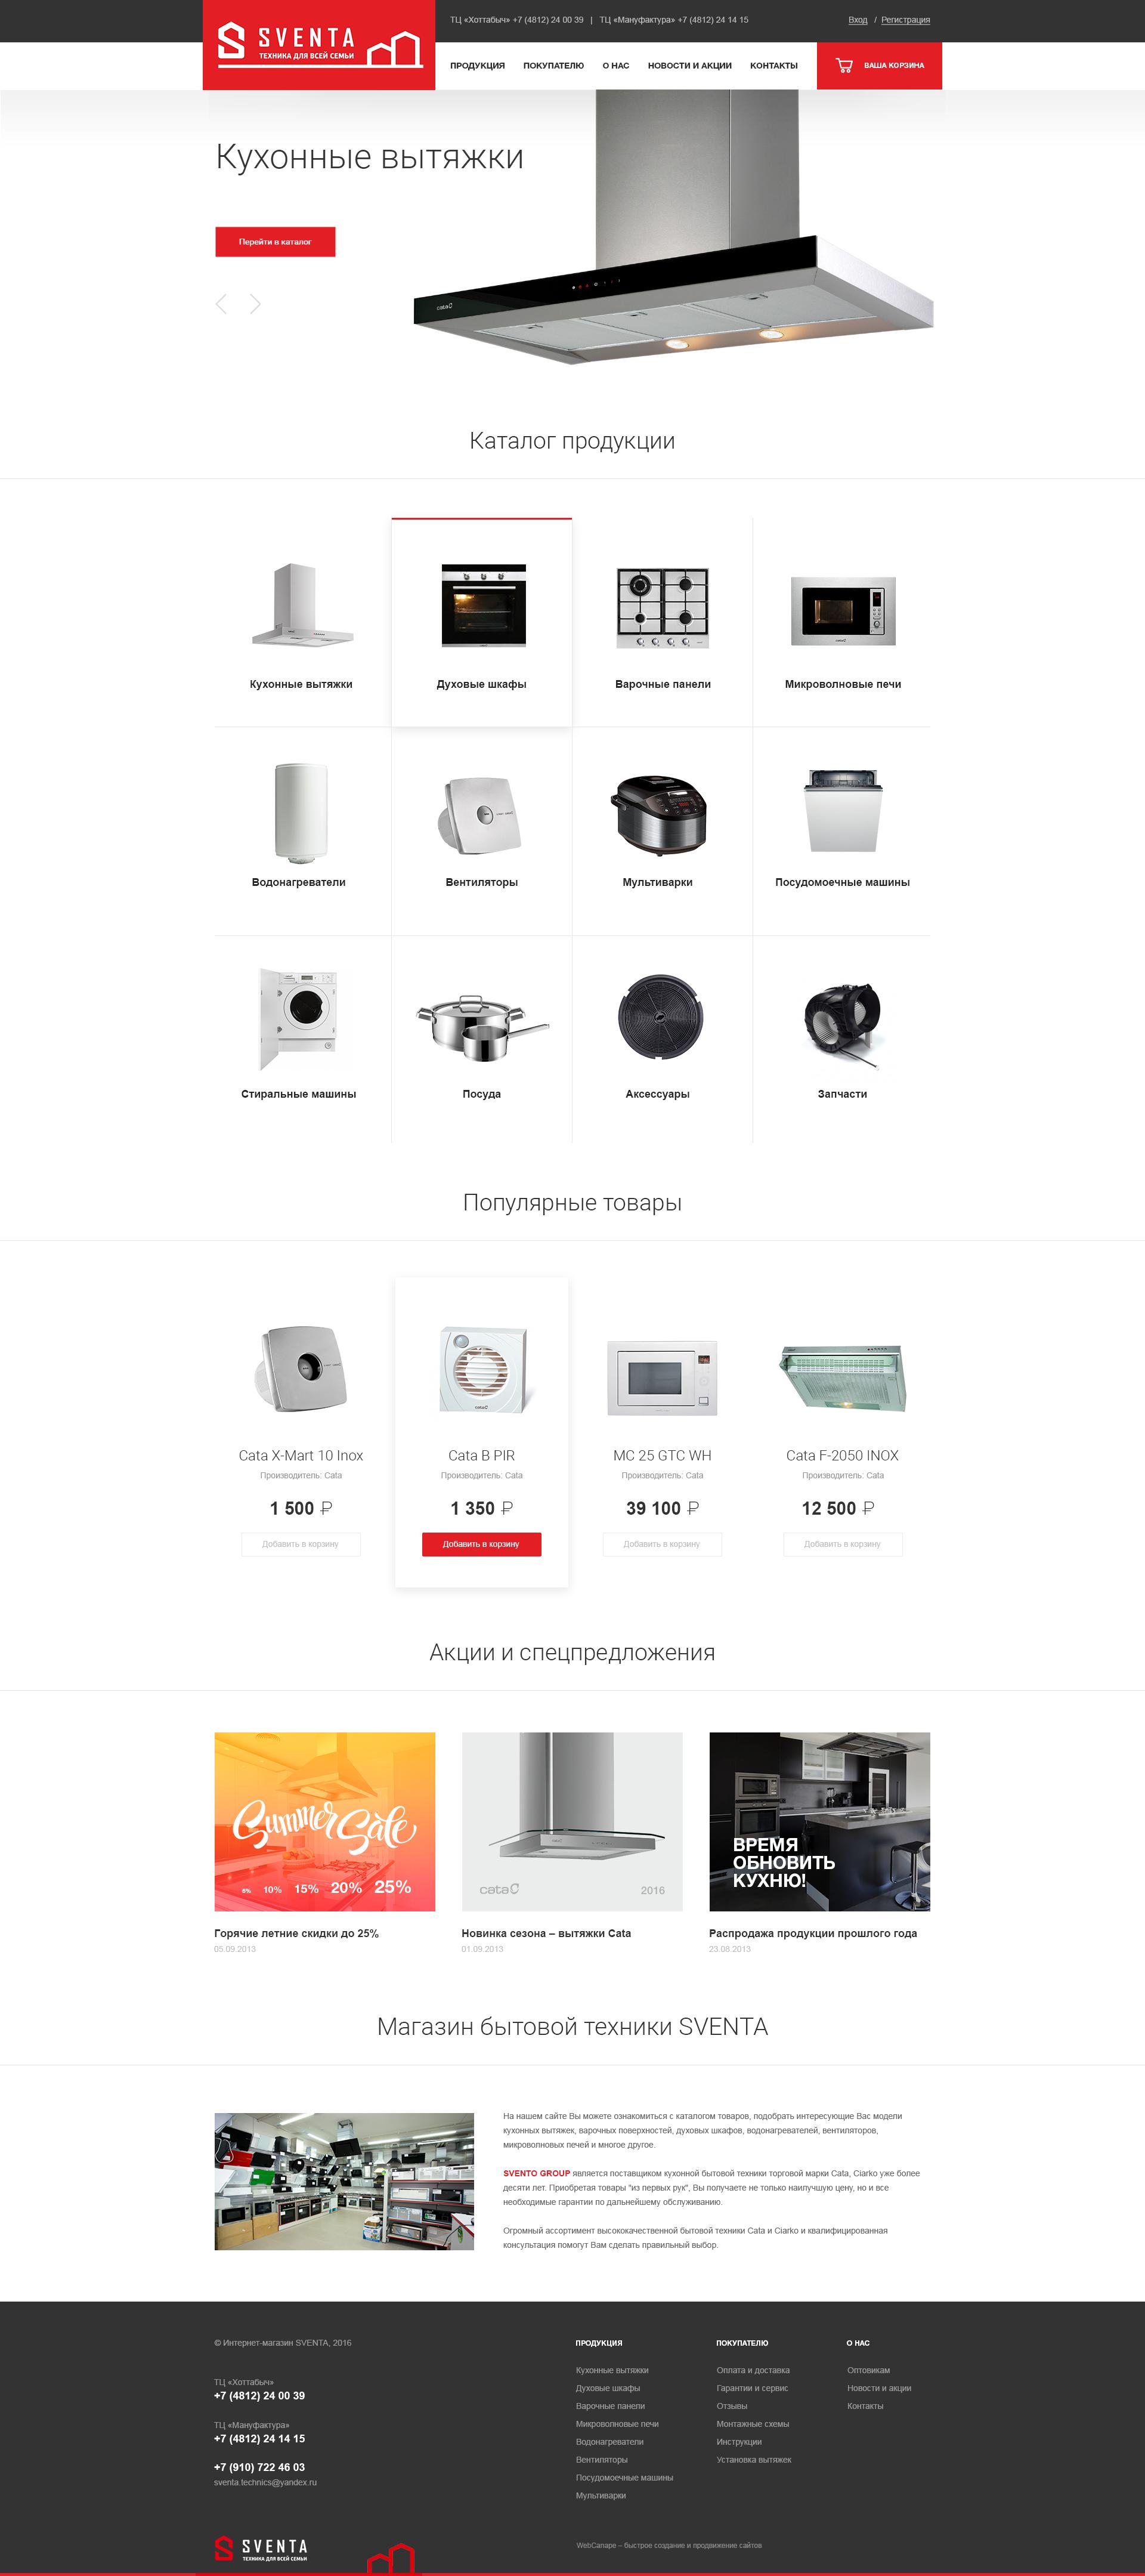 Разработка интернет-магазина бытовой техники